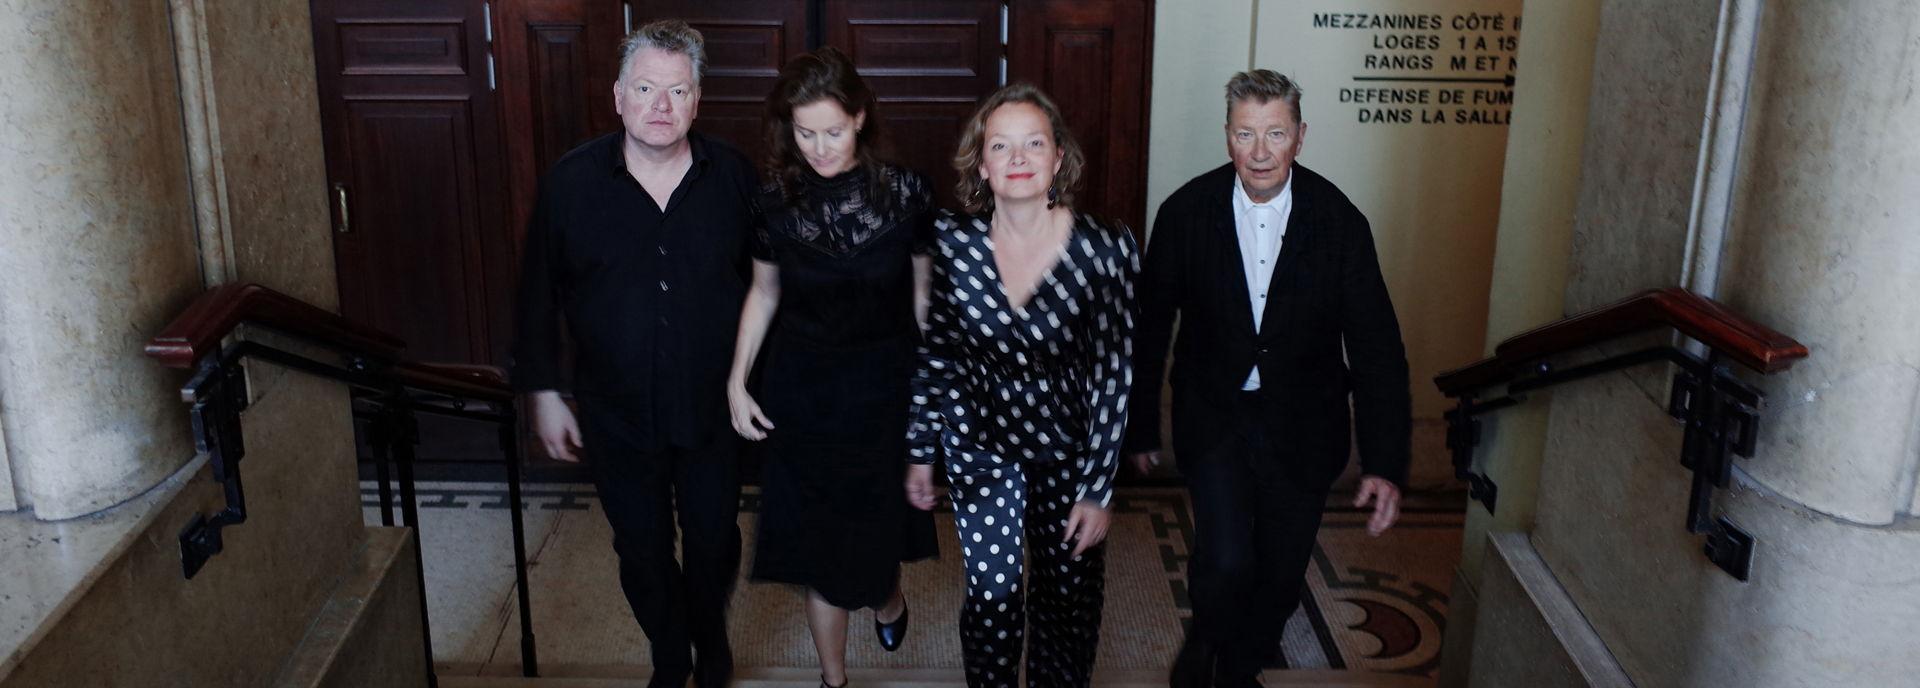 Het Avalanche Quartet, bestaande uit Henk Hofstede, Marjolein van der Klauw, Arwen Linnemann en Pim Kops, brengt een nieuw theaterprogramma rondom het werk van de legendarische Leonard Cohen.